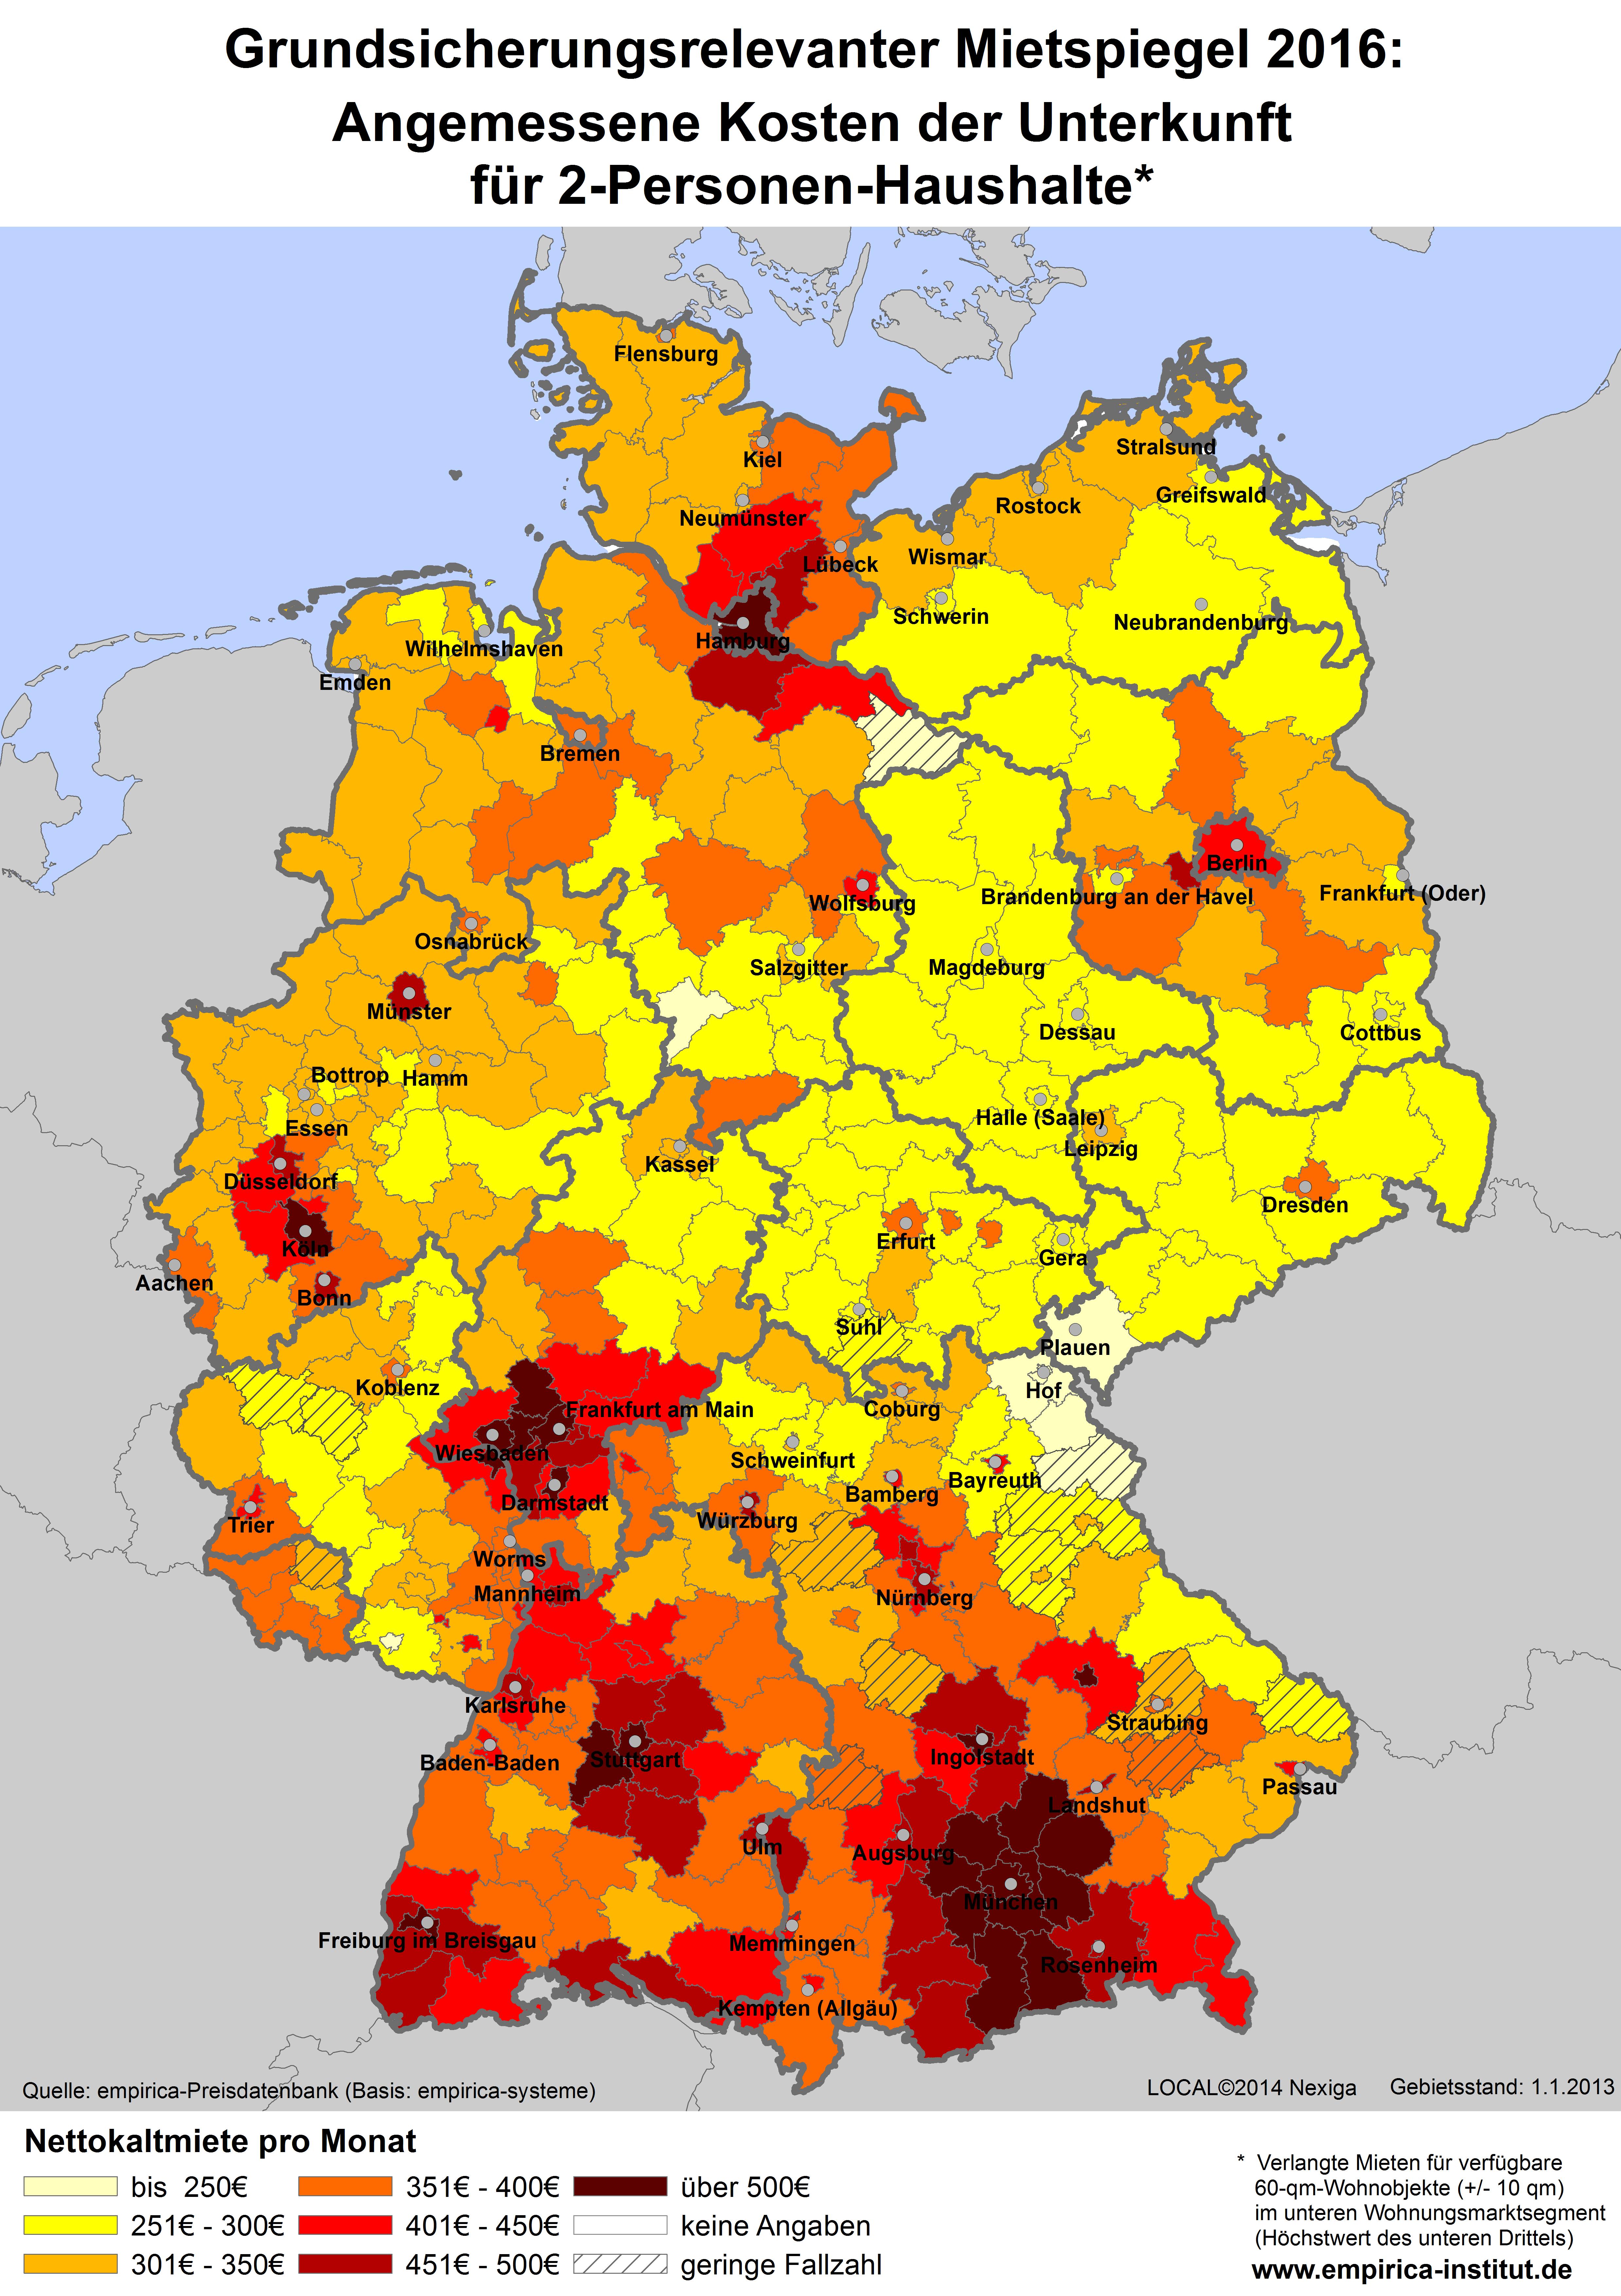 mietspiegel deutschland karte Mietspiegel Deutschland Karte | jooptimmer mietspiegel deutschland karte